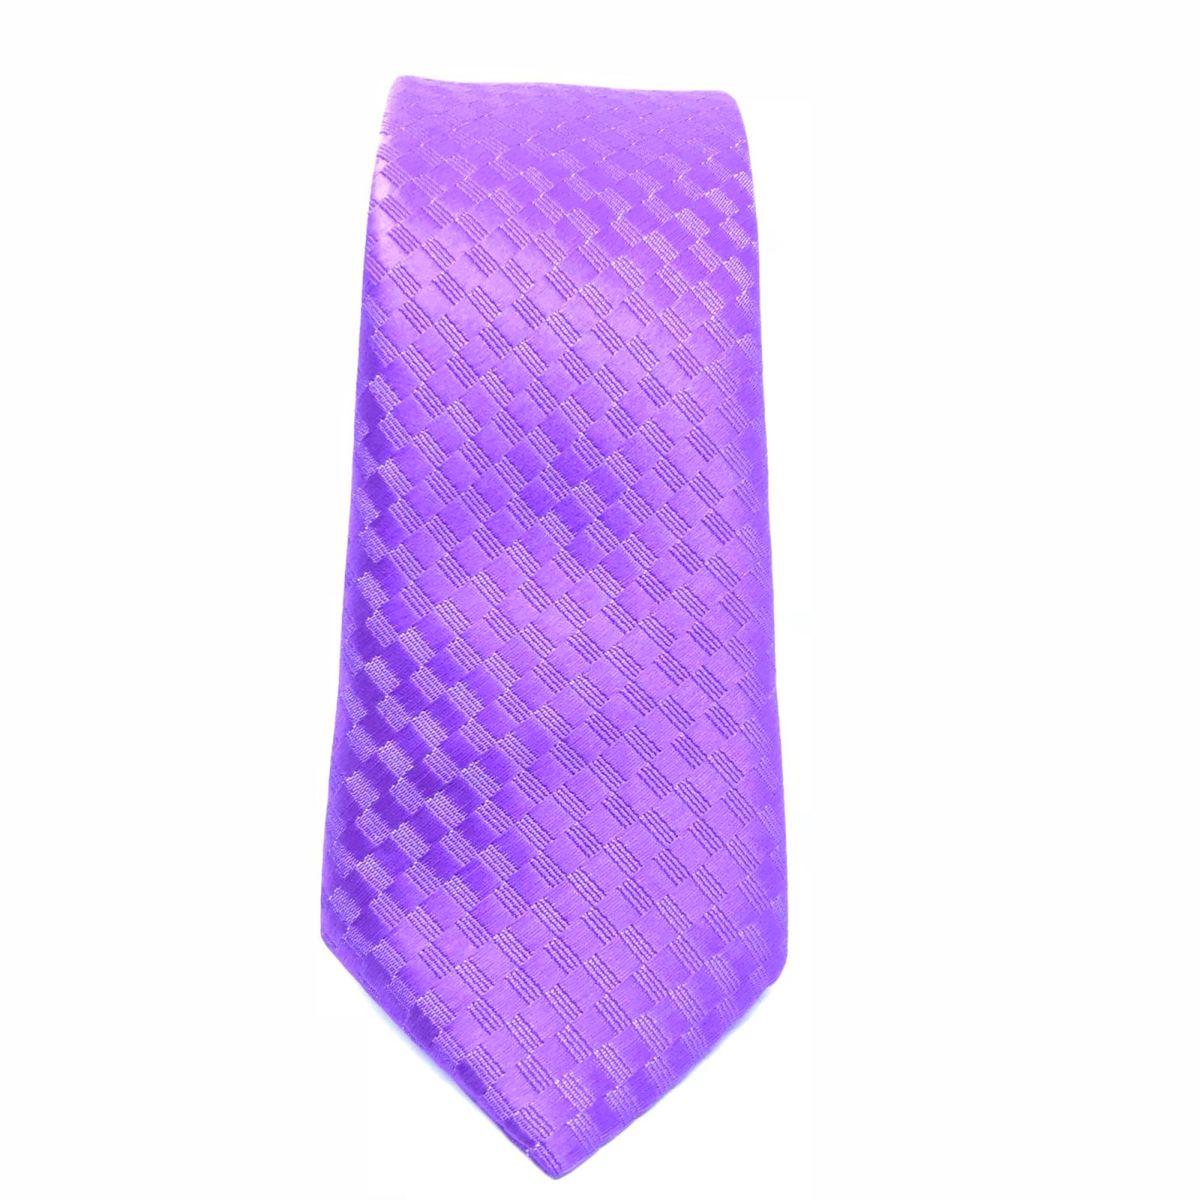 ebb3e0727 Gravata Masculina Slim Trabalhada Cor Roxo Casamentos Festas Formaturas  Noivos | Camisa Masculina Nunca Usado 28019784 | enjoei